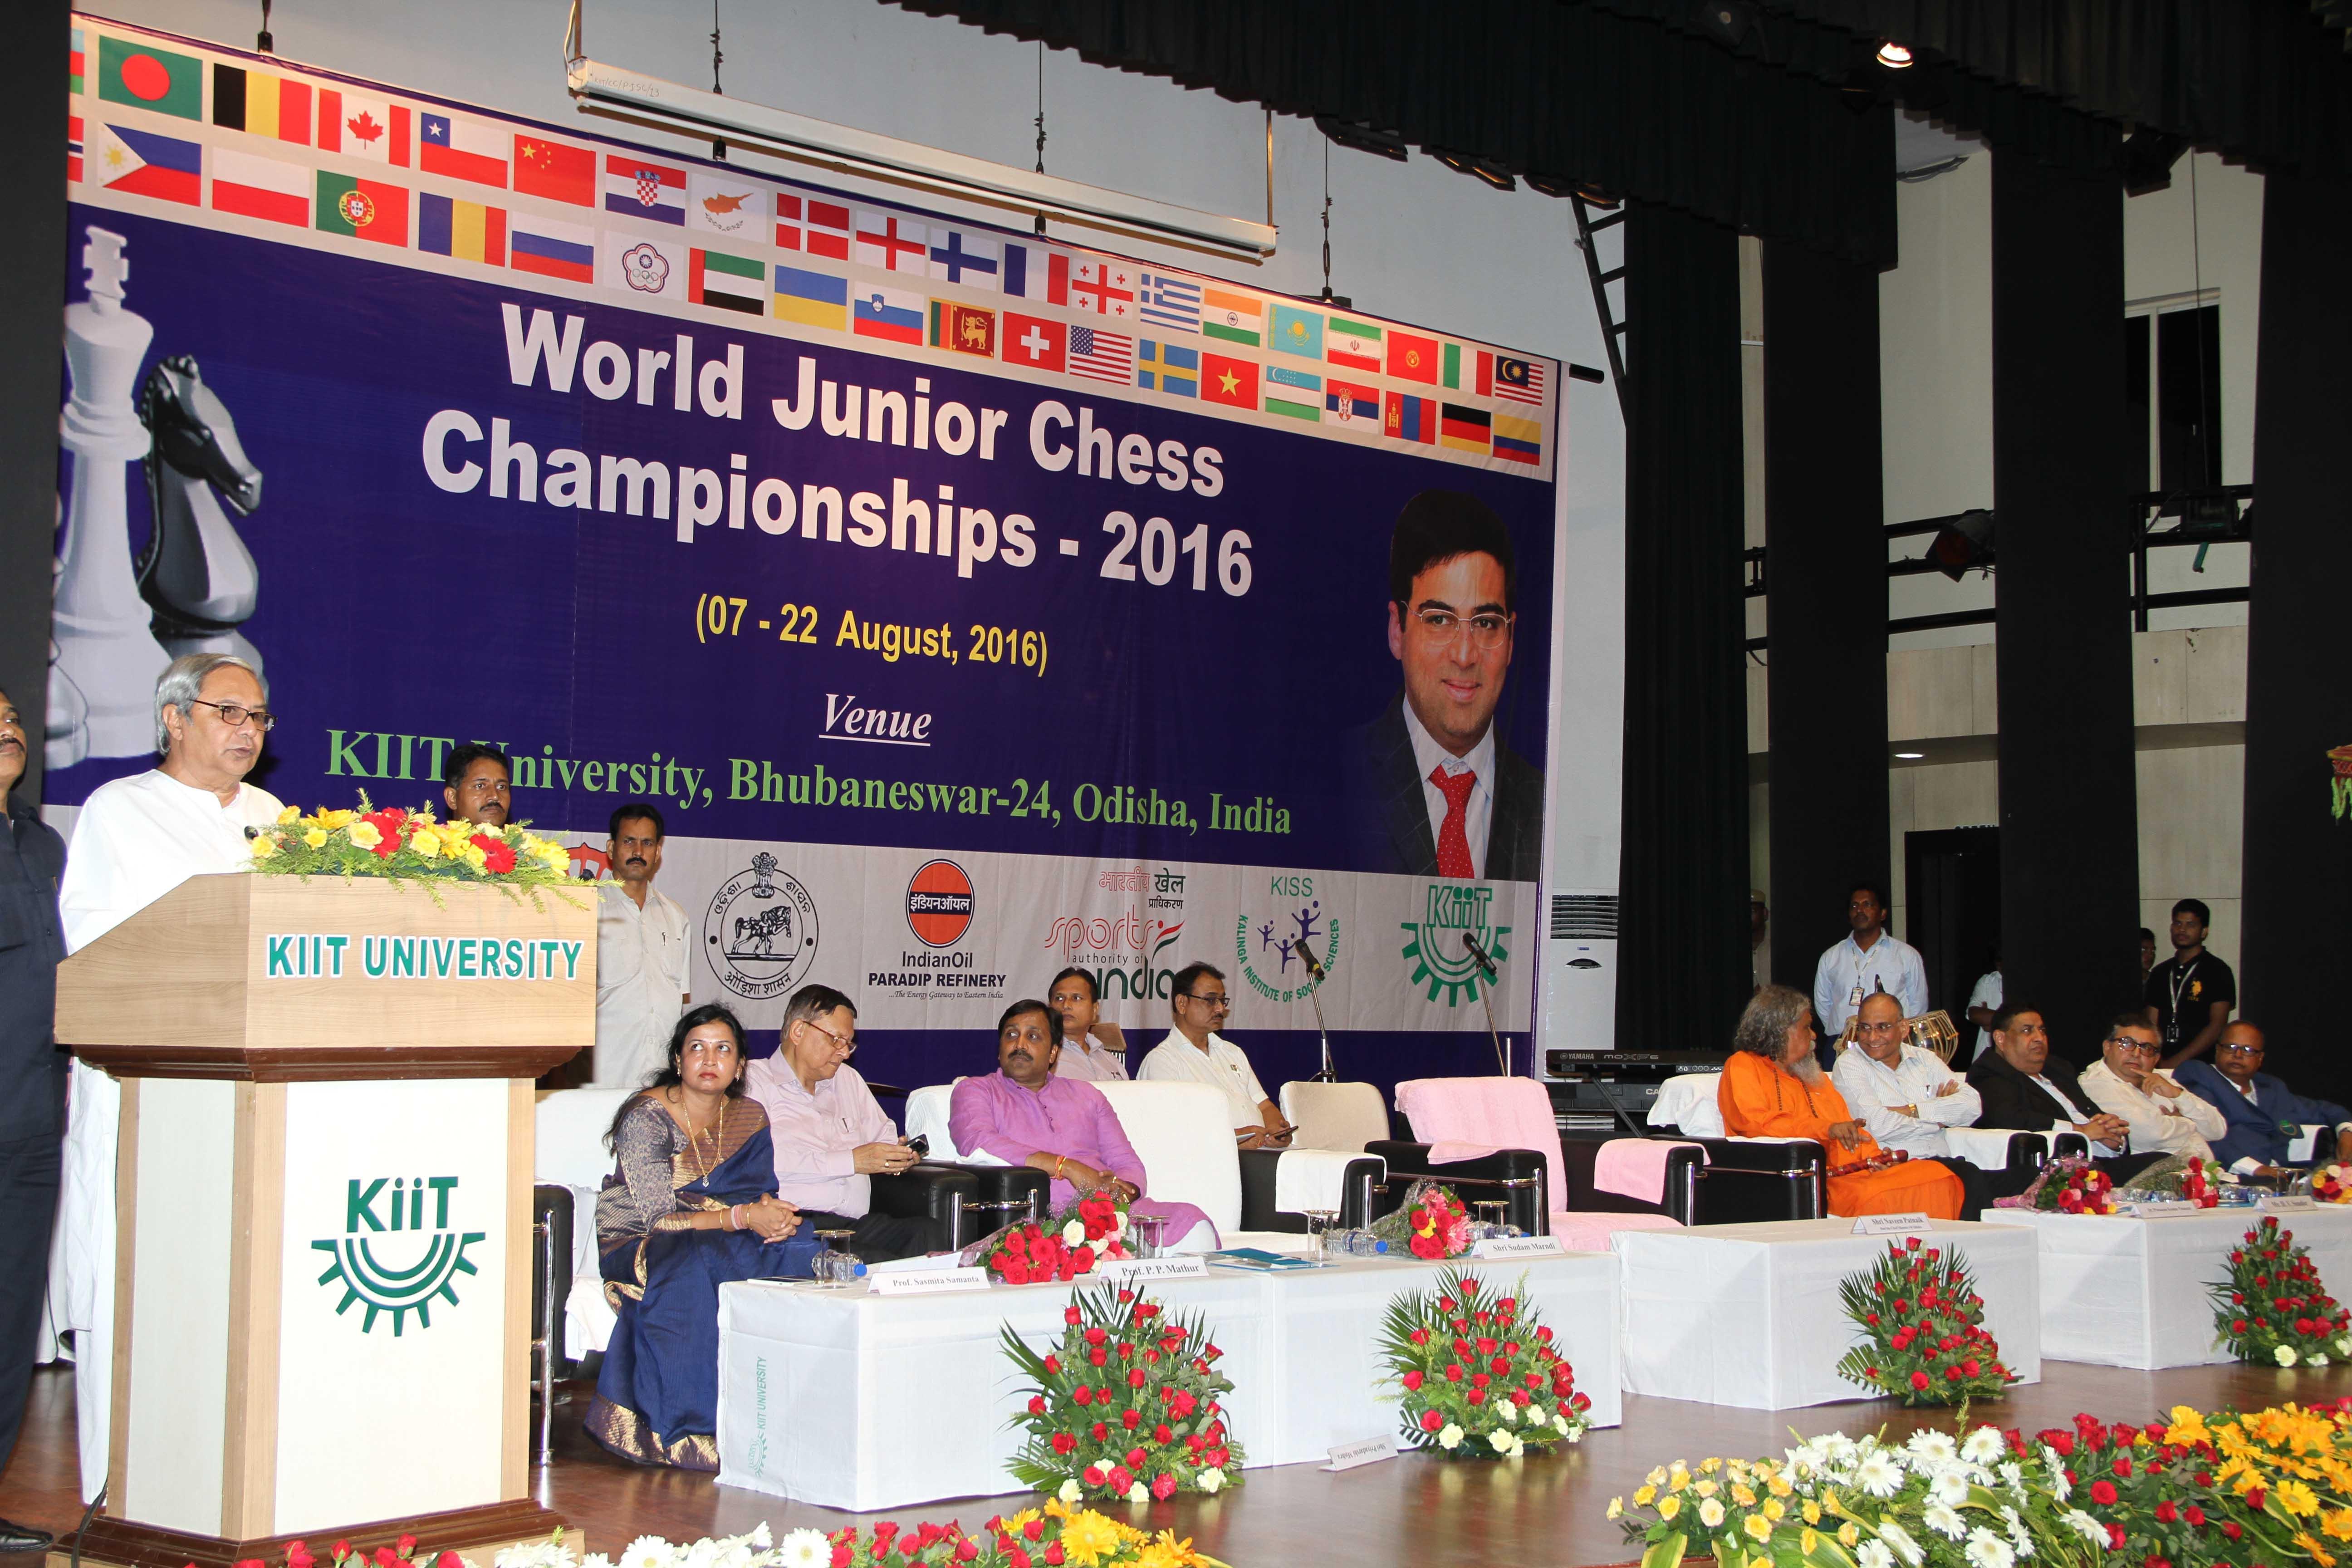 World Junior Chess Championship